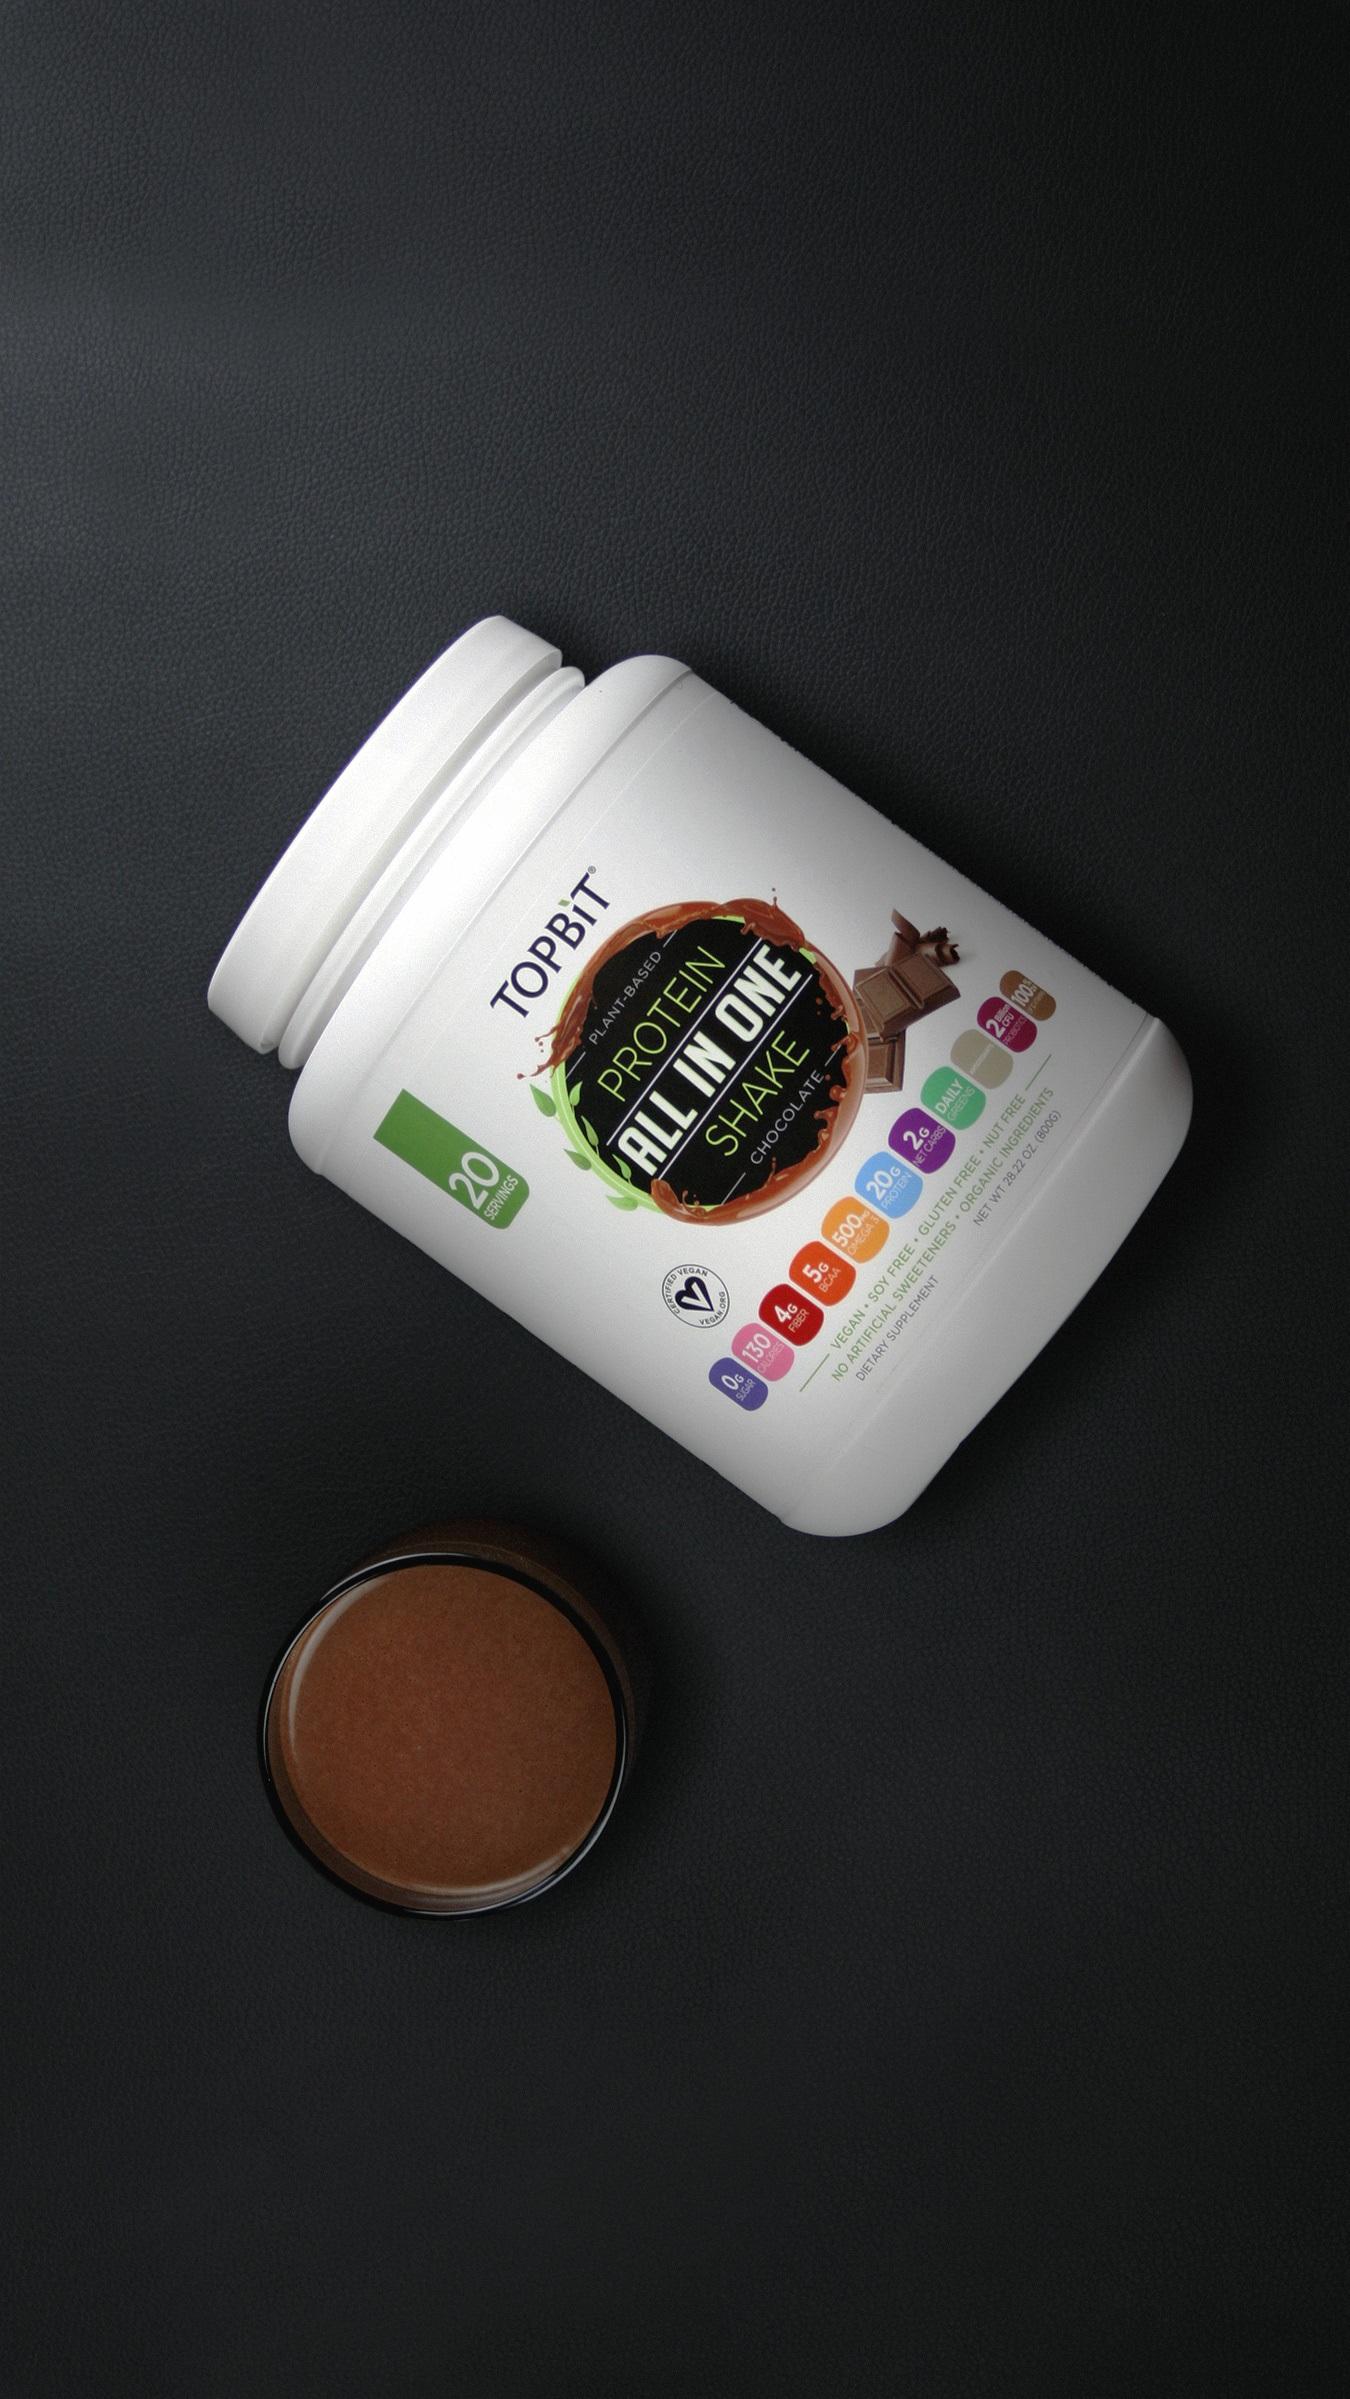 Lifestyle+Choc+Protein.jpg